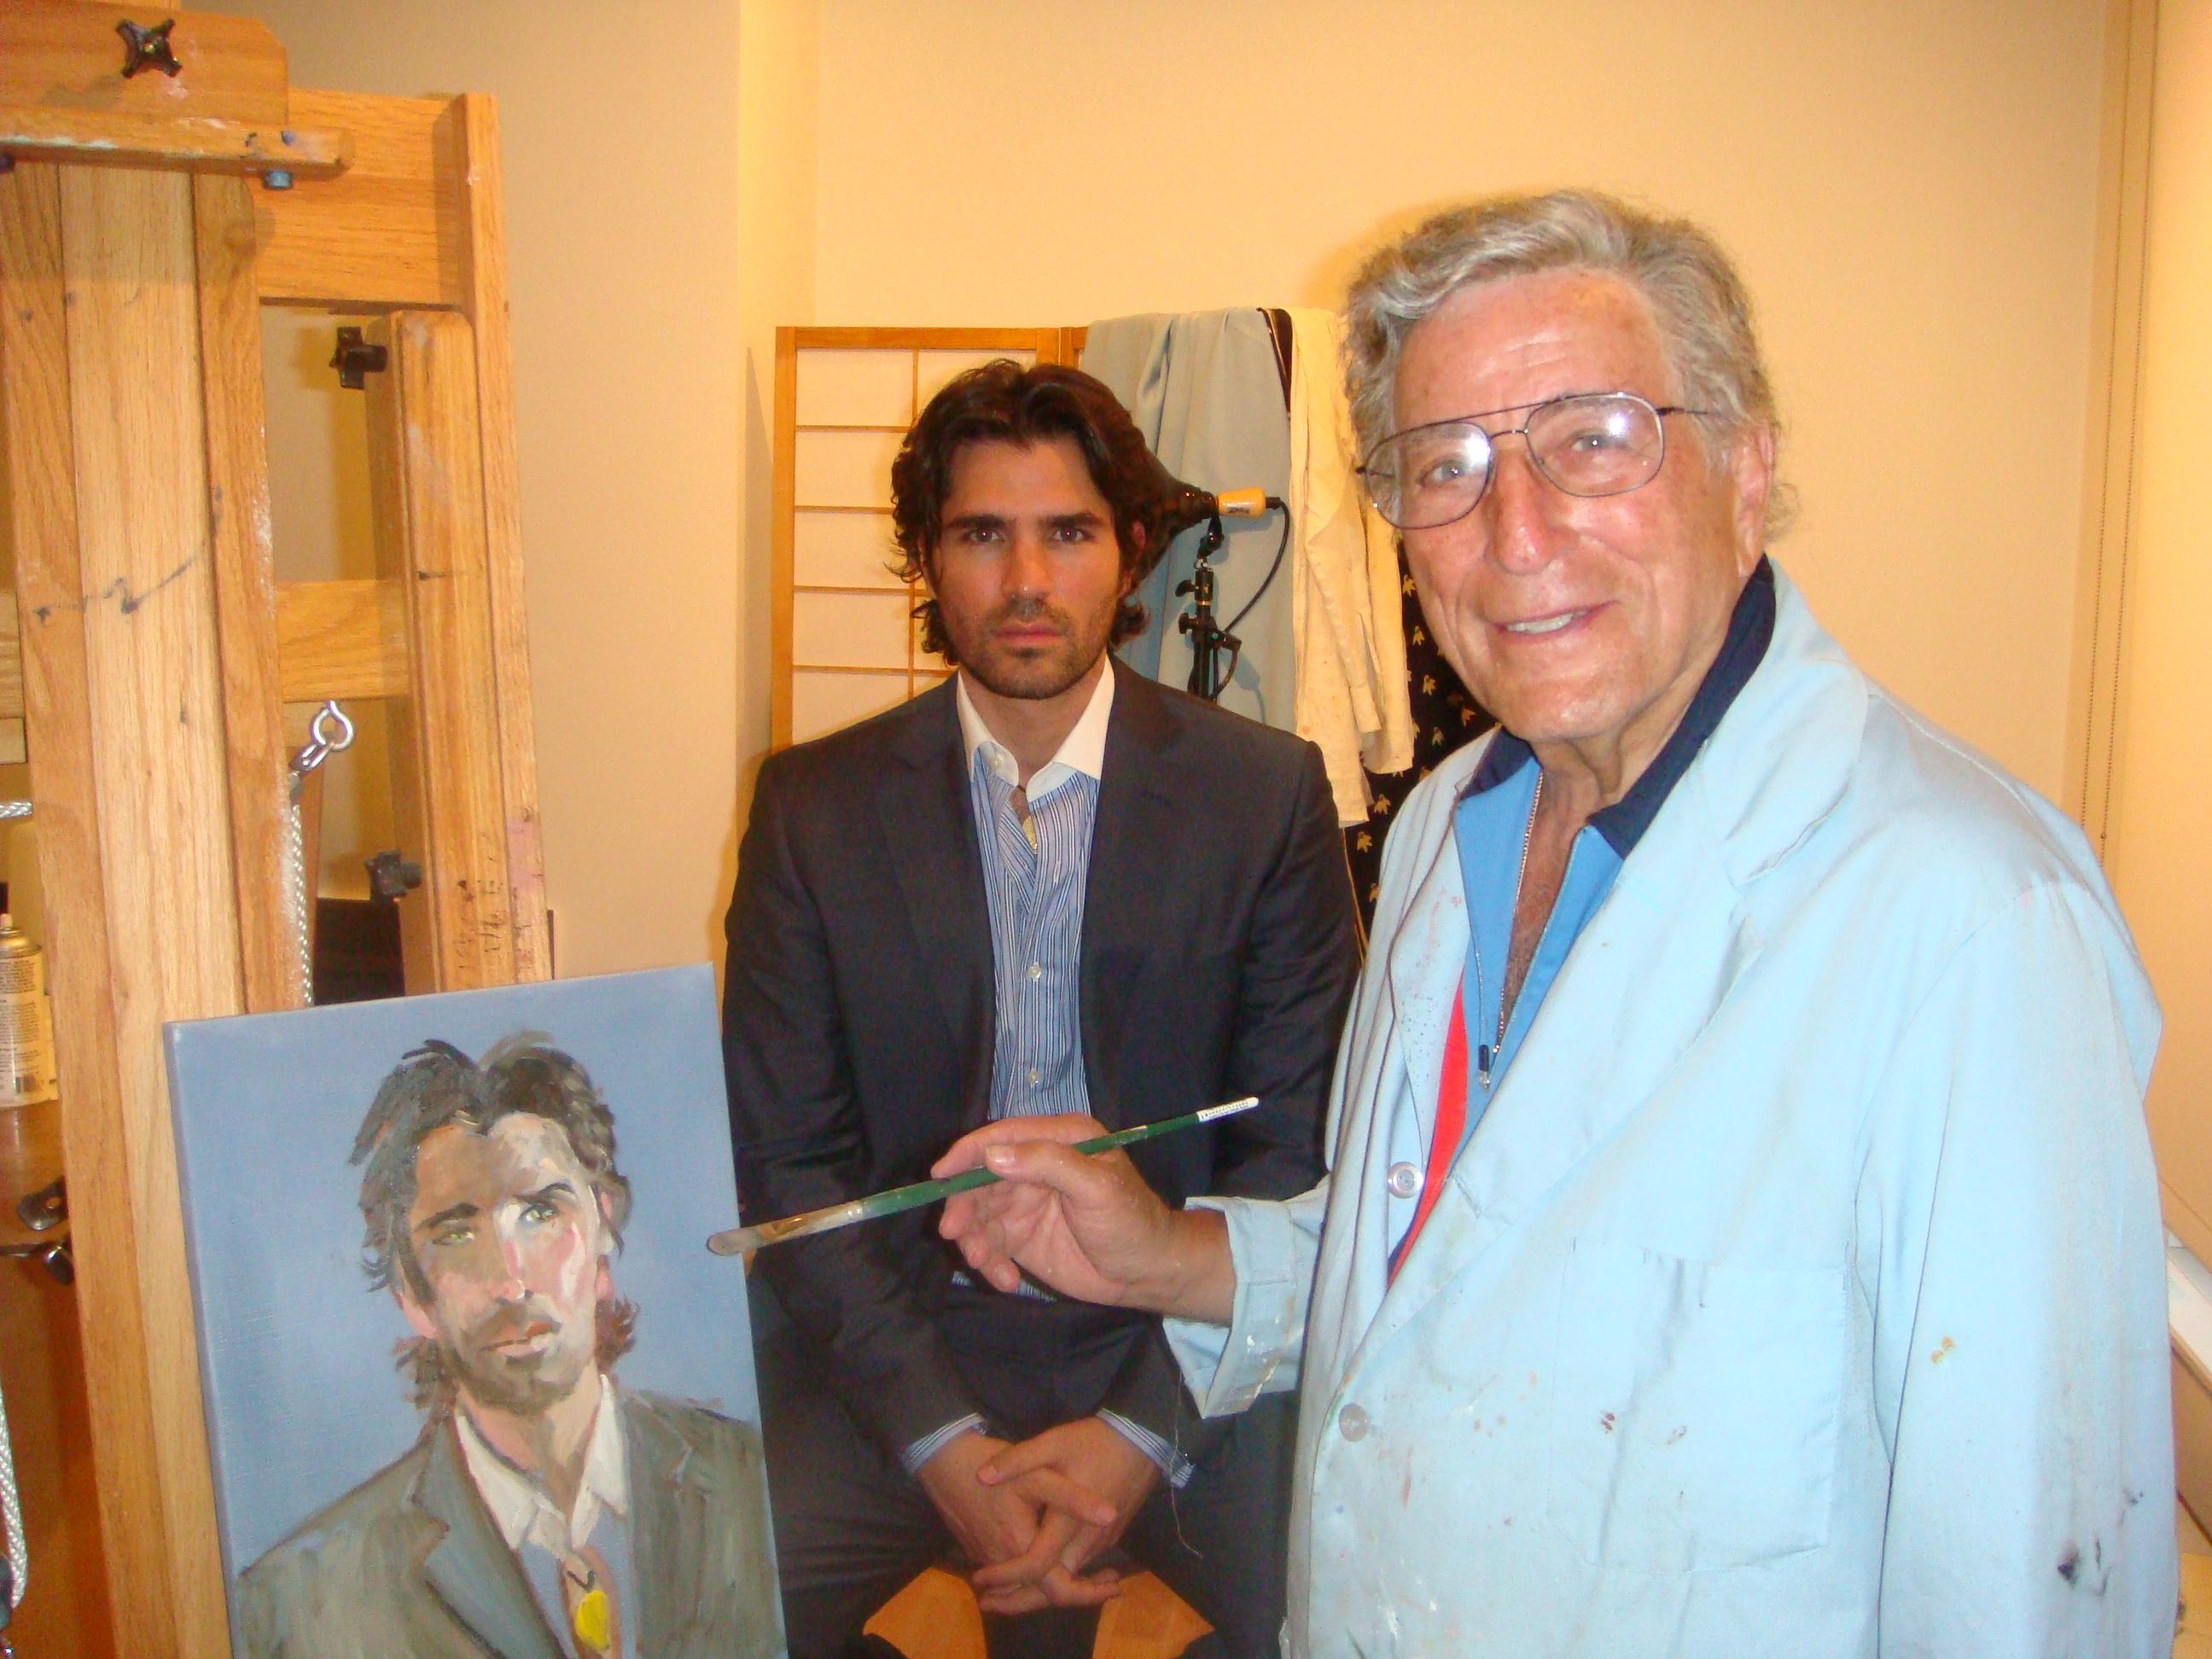 TONY BENNET AND EDUARDO VERASTEGUI.